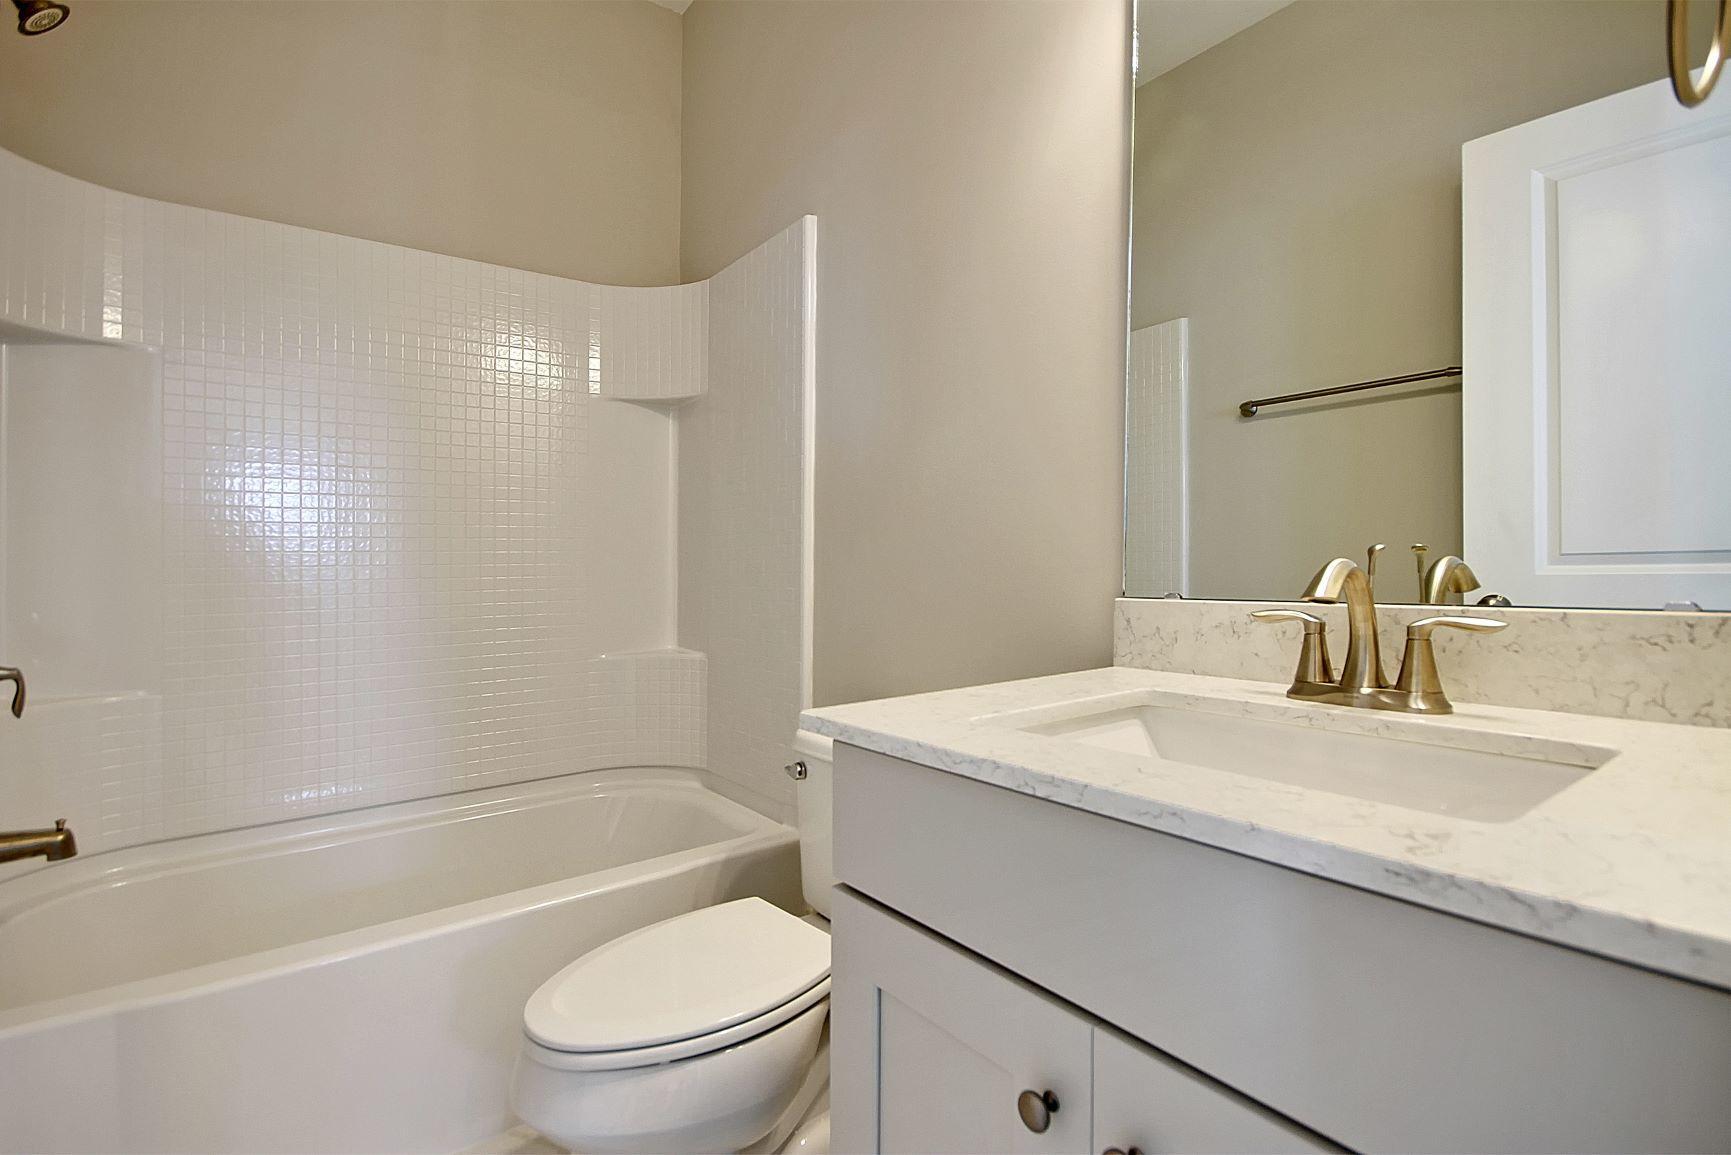 Kings Flats Homes For Sale - 121 Alder, Charleston, SC - 23